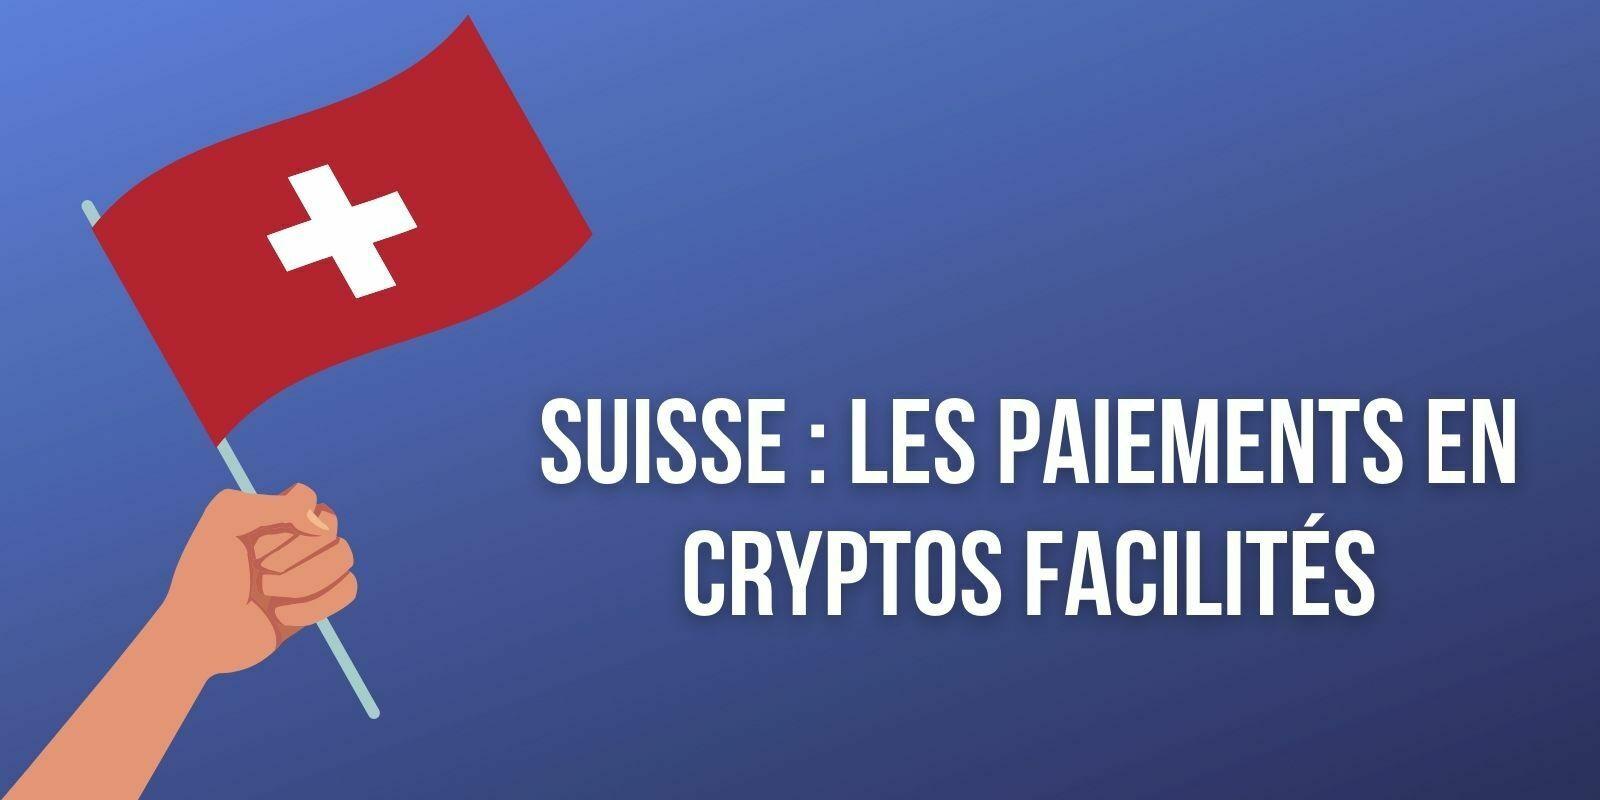 Suisse : 85 000 commerçants peuvent maintenant accepter les paiements en cryptomonnaies